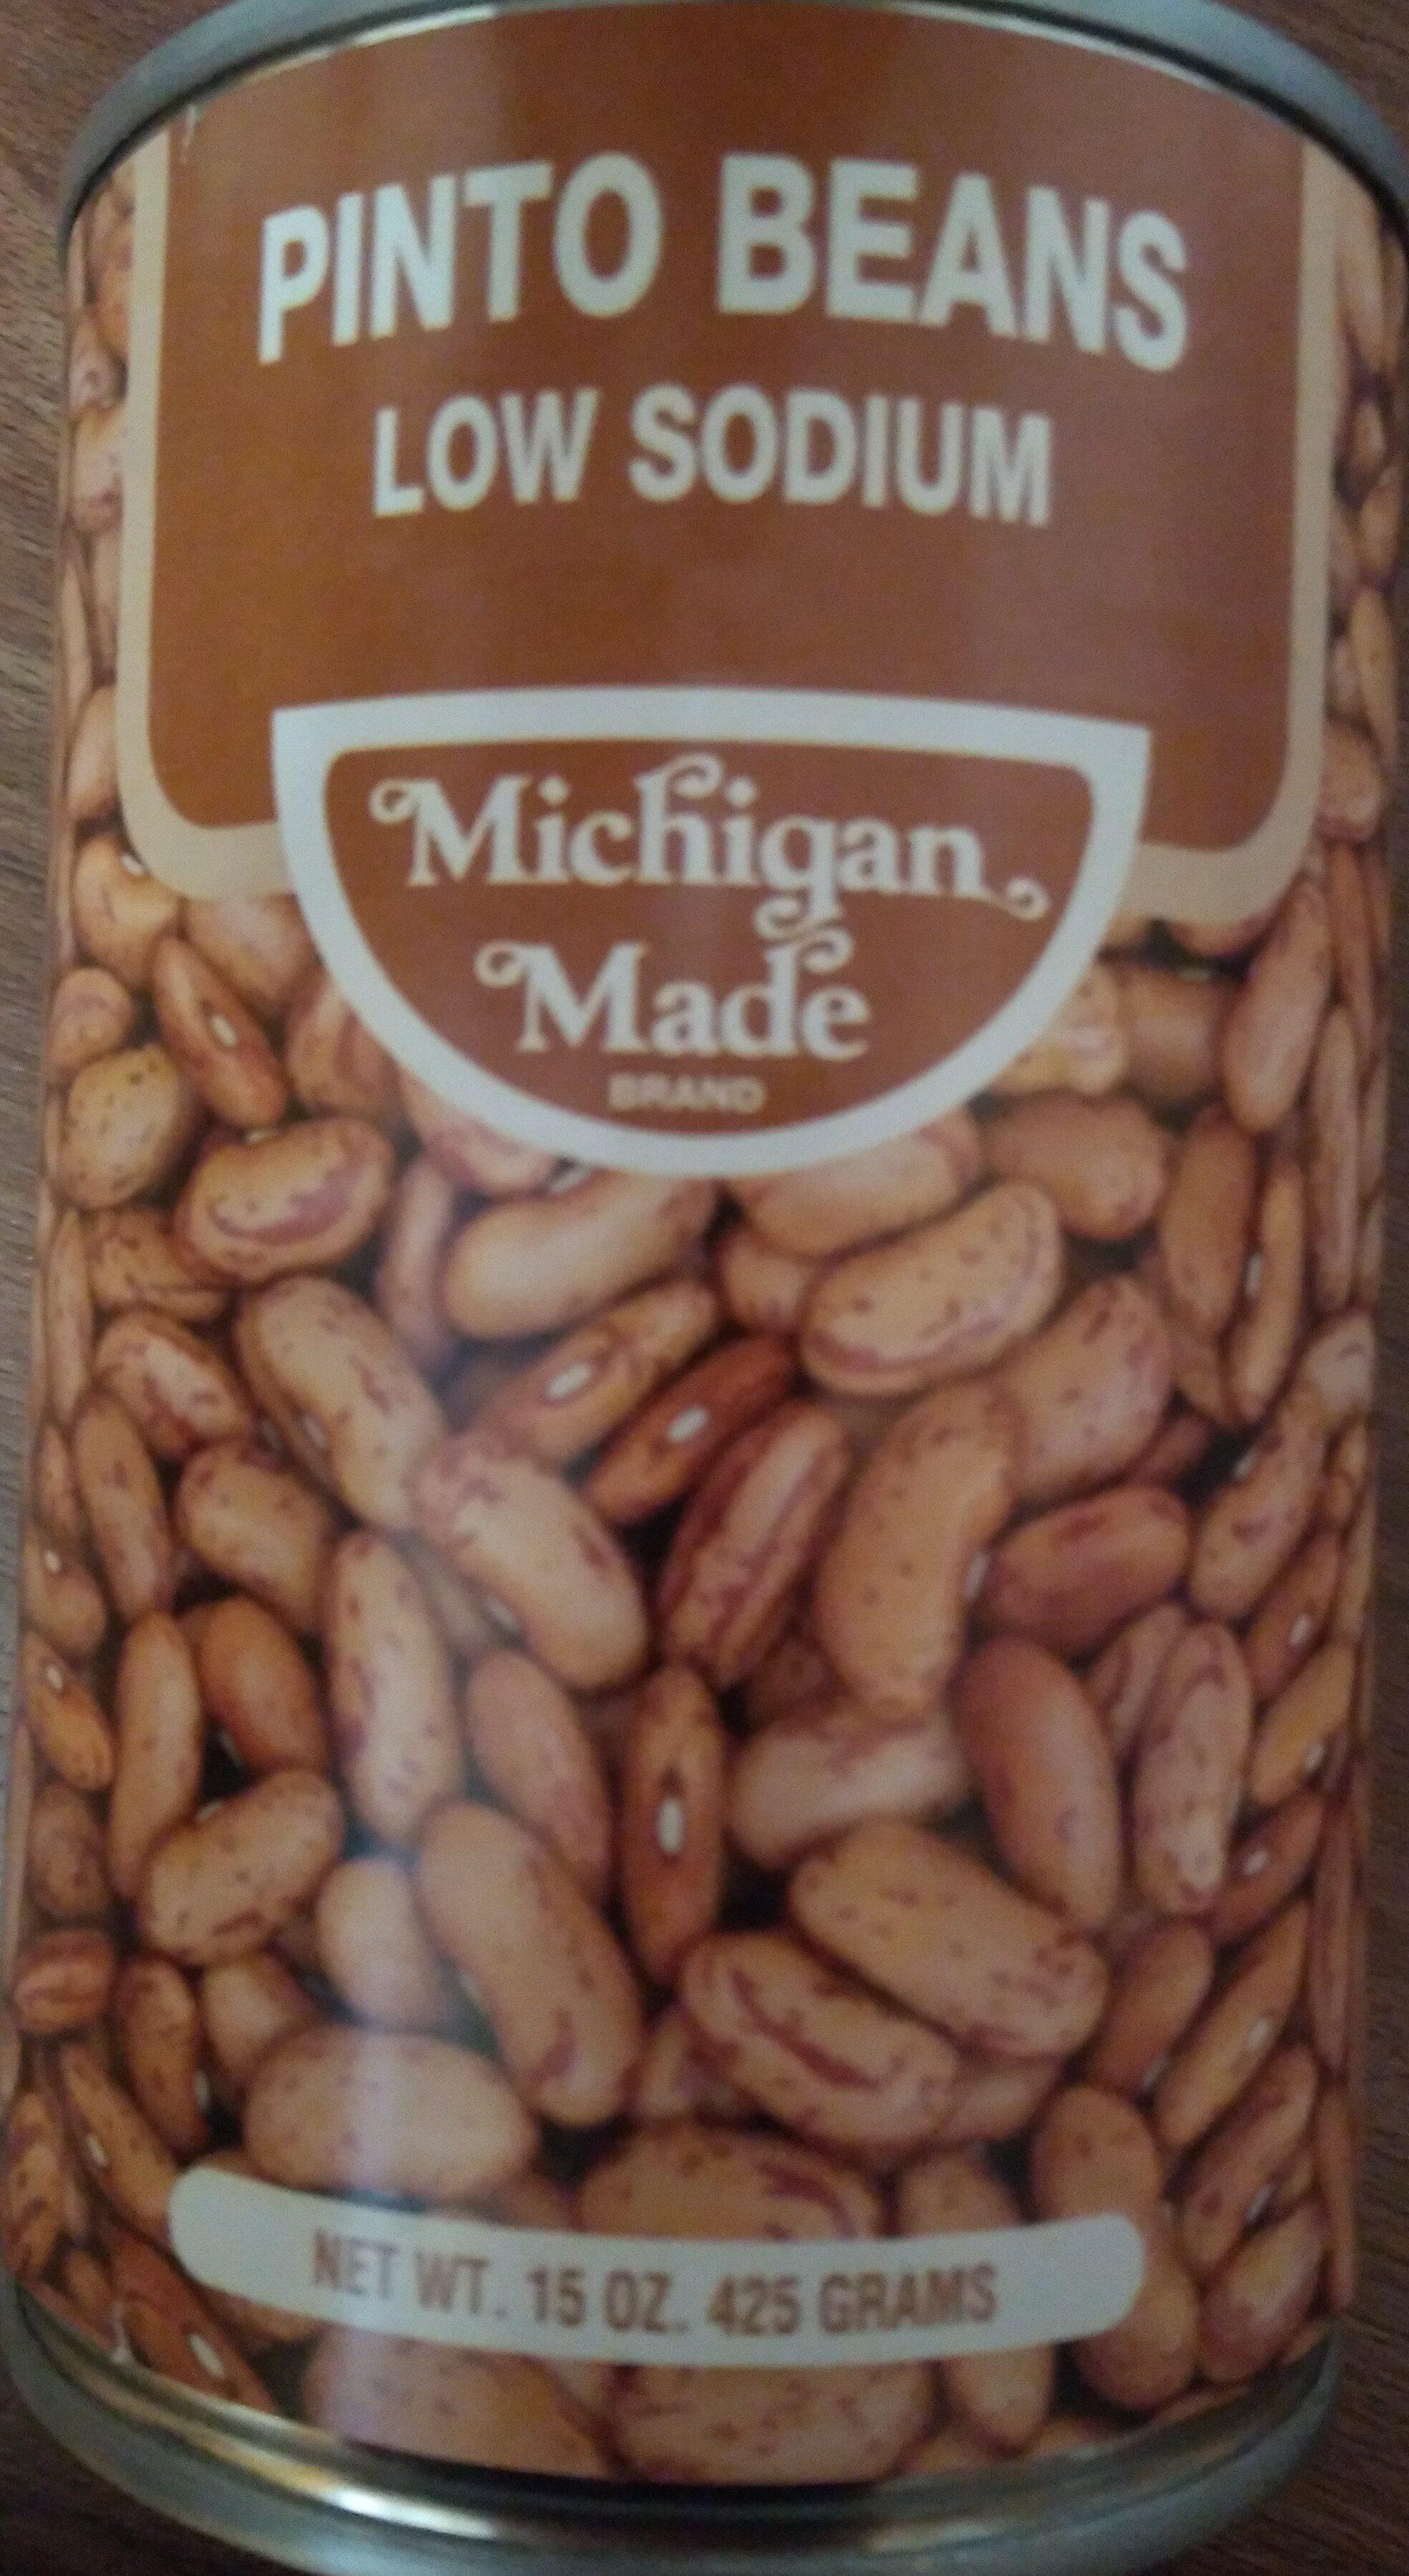 Pinto Beans - Low Sodium - Product - en